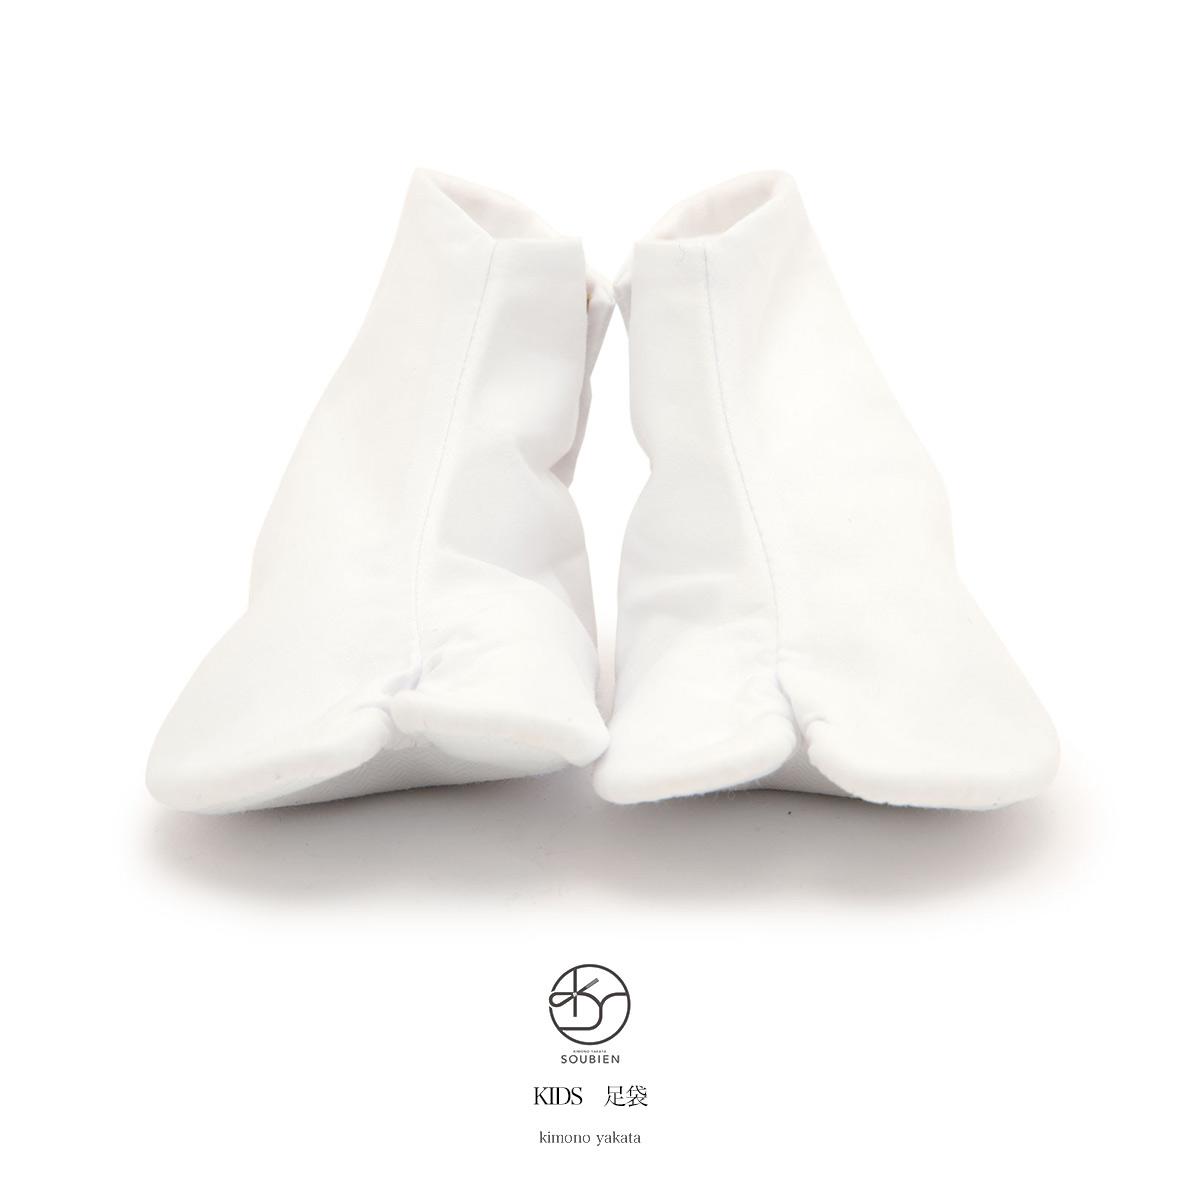 裏地とコハゼが選べる子供用白足袋